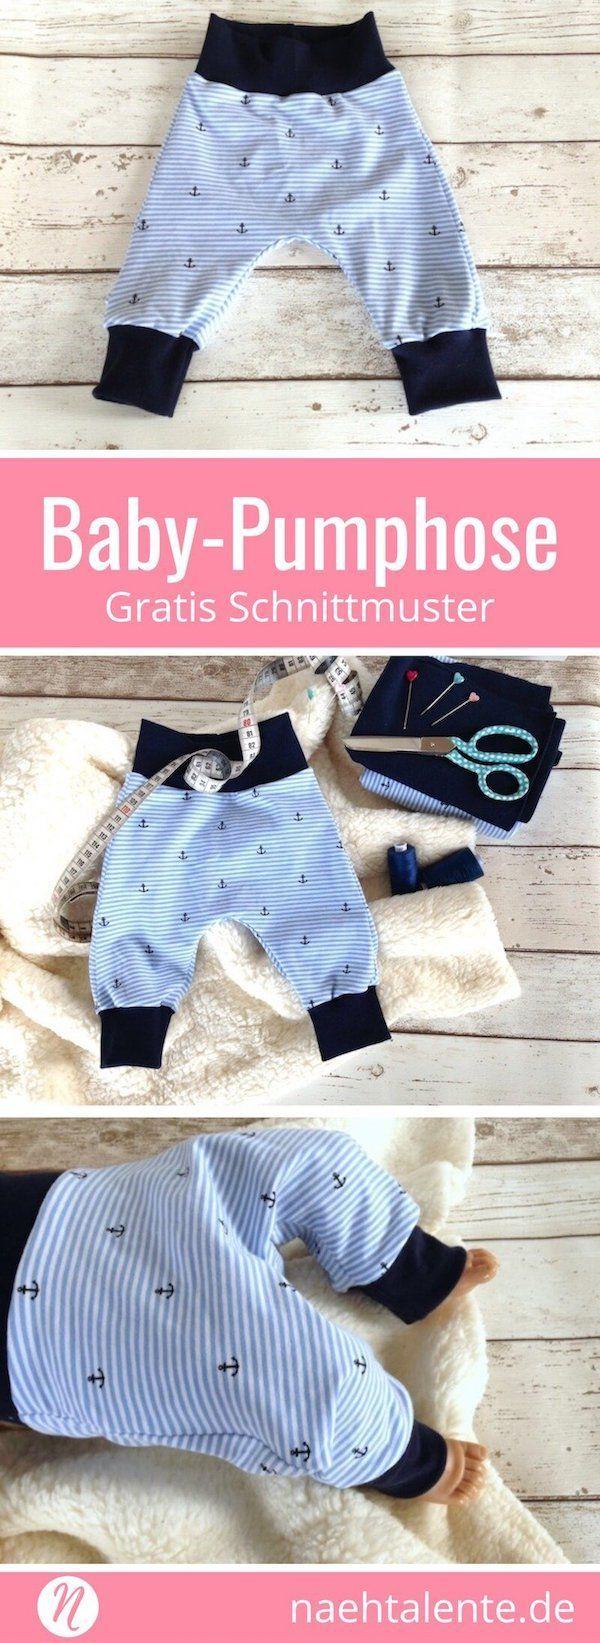 Freebook für eine Baby-Pumphose aus Jersey. Mit sehr guter Nähanleitung. Für ...